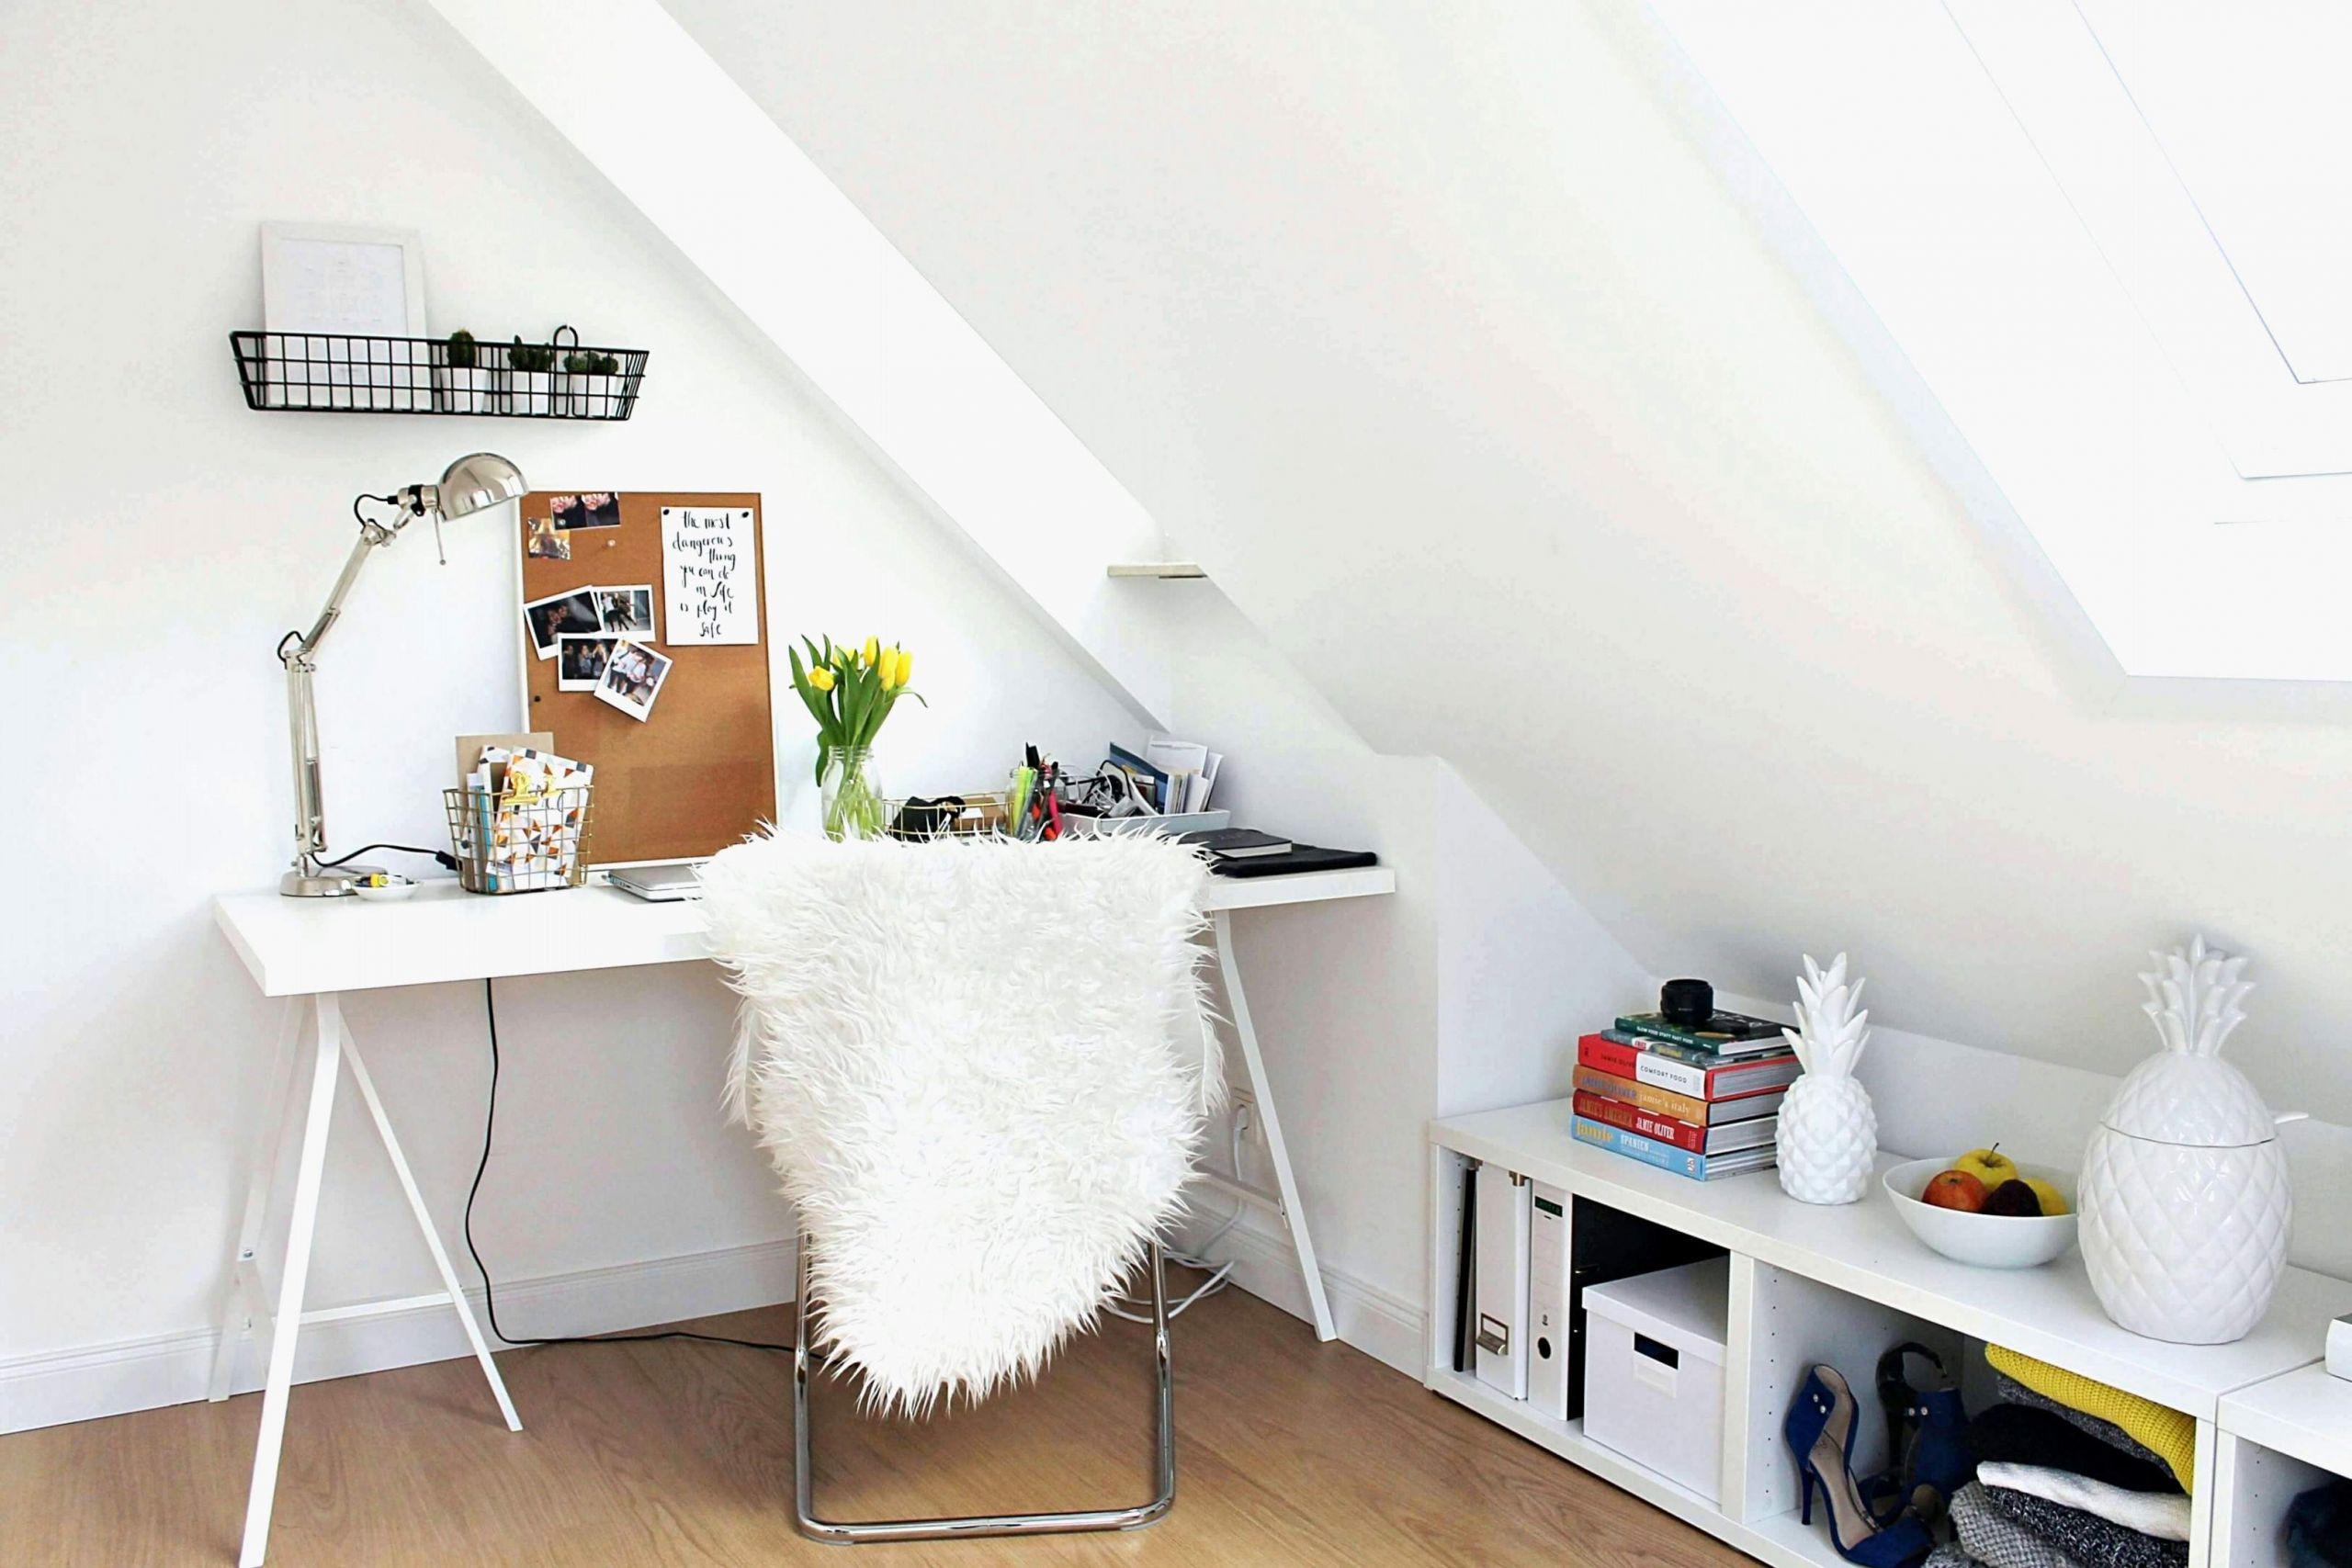 Full Size of Relaxliege Wohnzimmer Ikea Liege Caseconradcom Garten Indirekte Beleuchtung Led Lampen Küche Kaufen Deckenlampen Für Gardine Deckenstrahler Tapete Sofa Mit Wohnzimmer Relaxliege Wohnzimmer Ikea